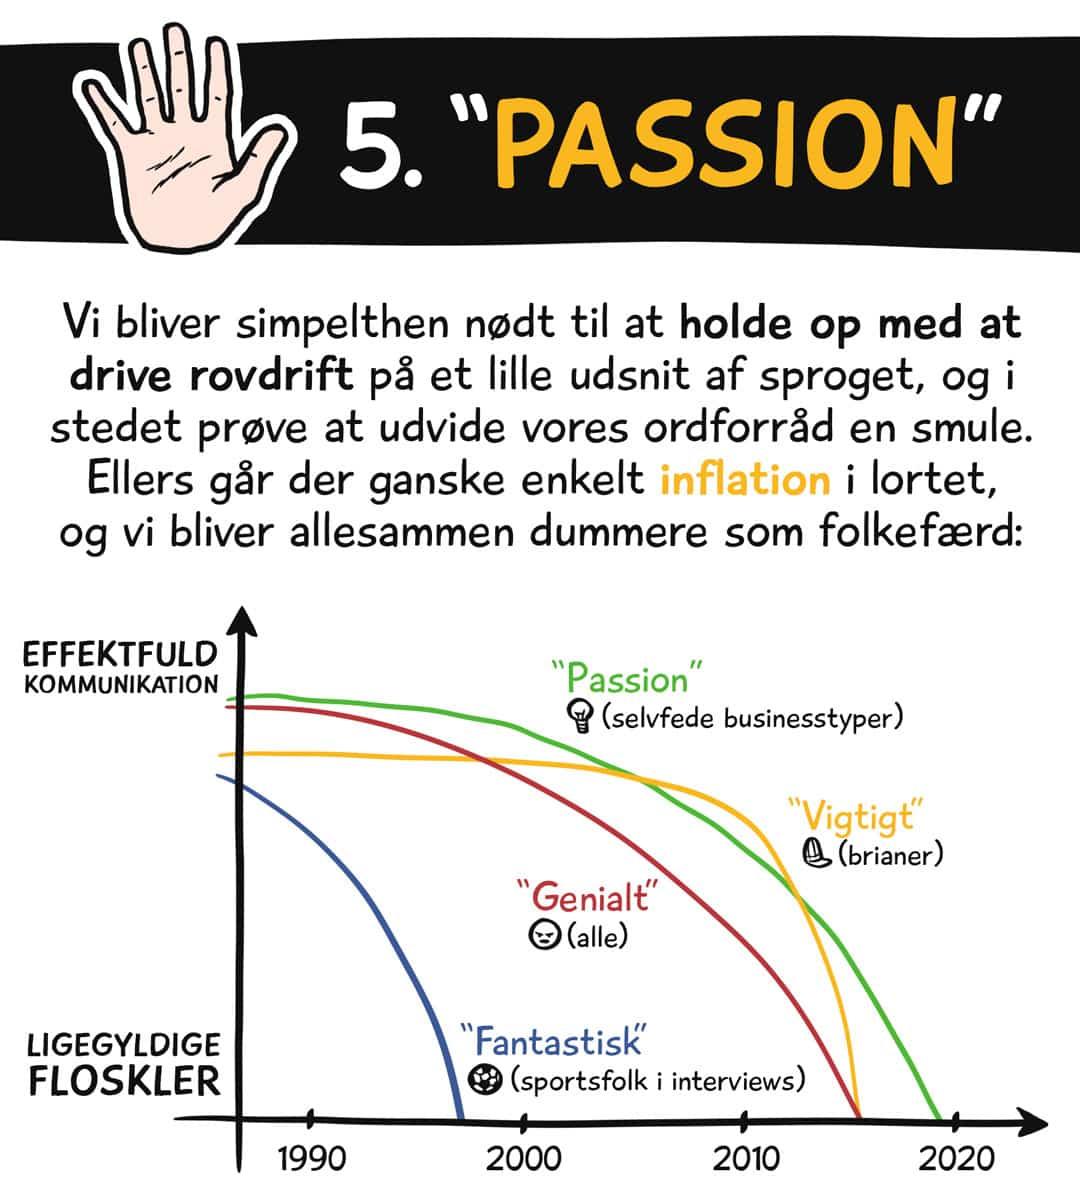 """5. """"Passion"""". Vi bliver simpelthen nødt til at holde op med at drive rovdrift på et lille udsnit af sproget, og i stedet prøve at udvide vores ordforråd en smule. Ellers går der ganske enkelt inflation i lortet, og vi bliver allesammen dummere som folkefærd. Passion, vigtigt, genialt, fantastisk."""